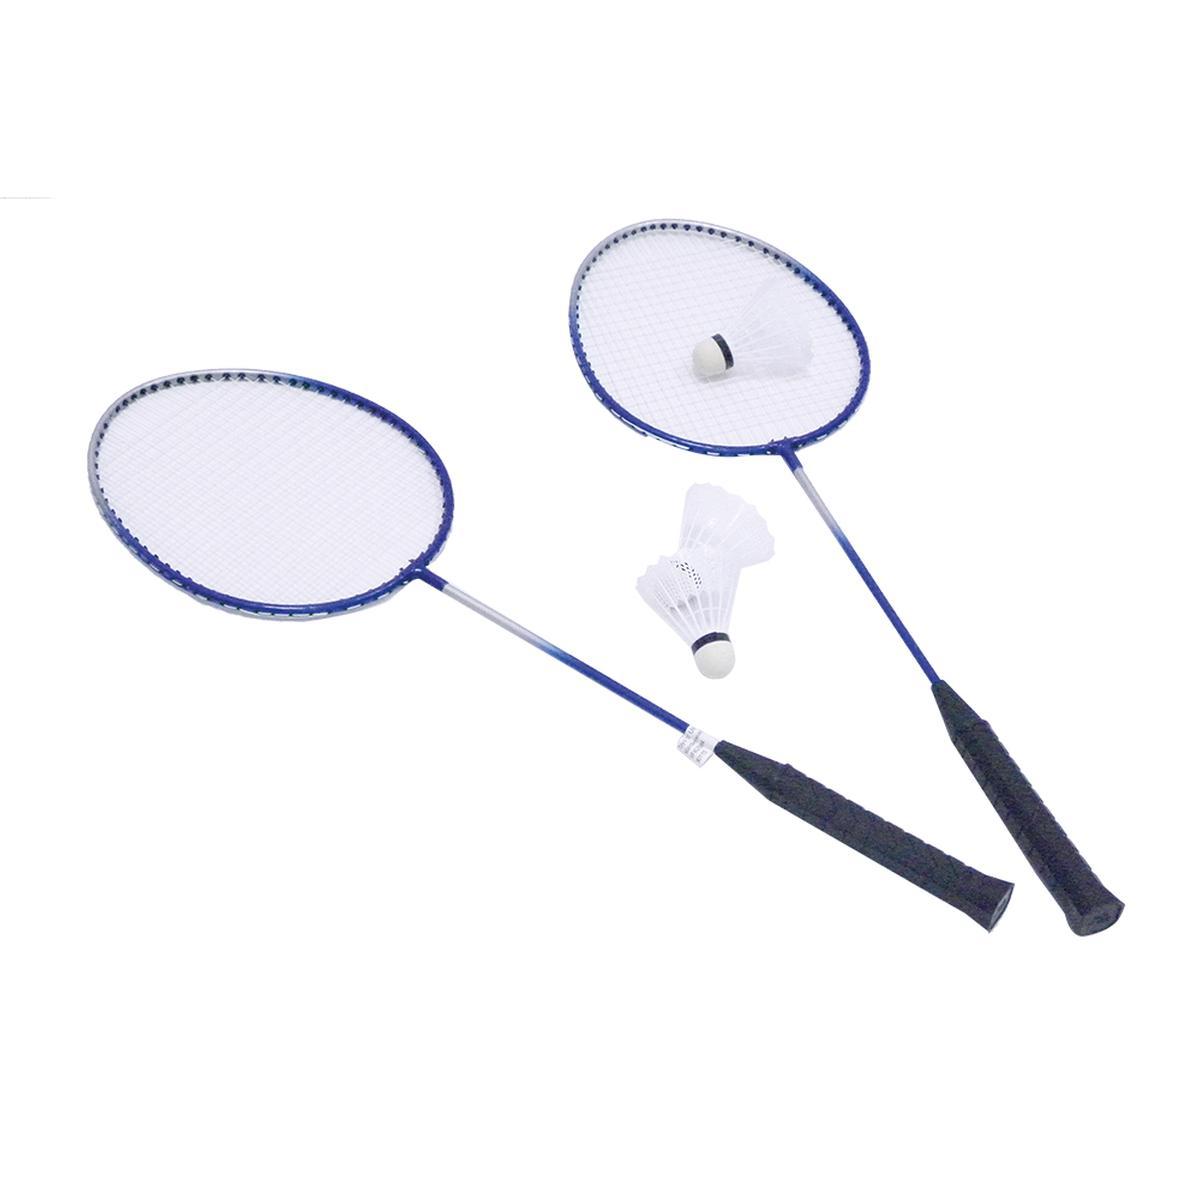 9684a999b Stats - Raquetas de Badminton | Badminton | Tienda de juguetes y ...